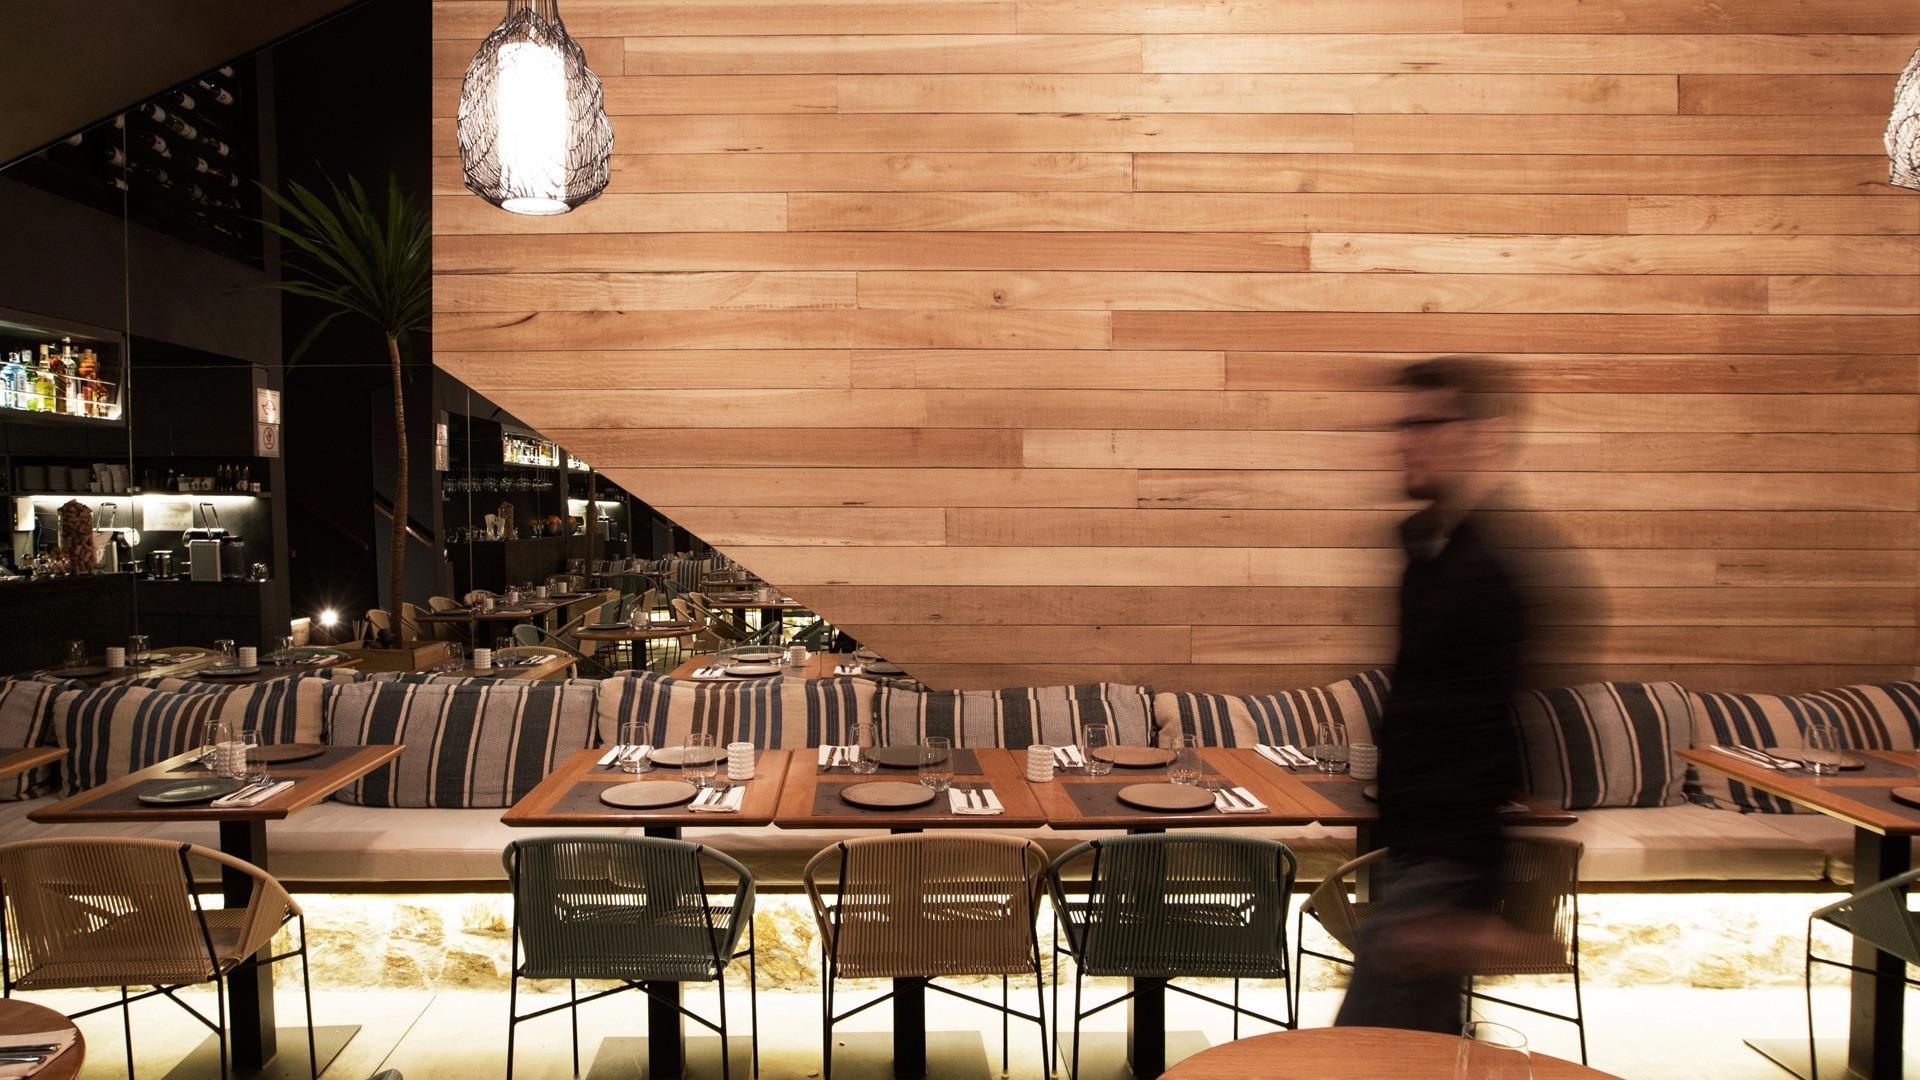 15.restaurante-tanit-interna-noturna-20